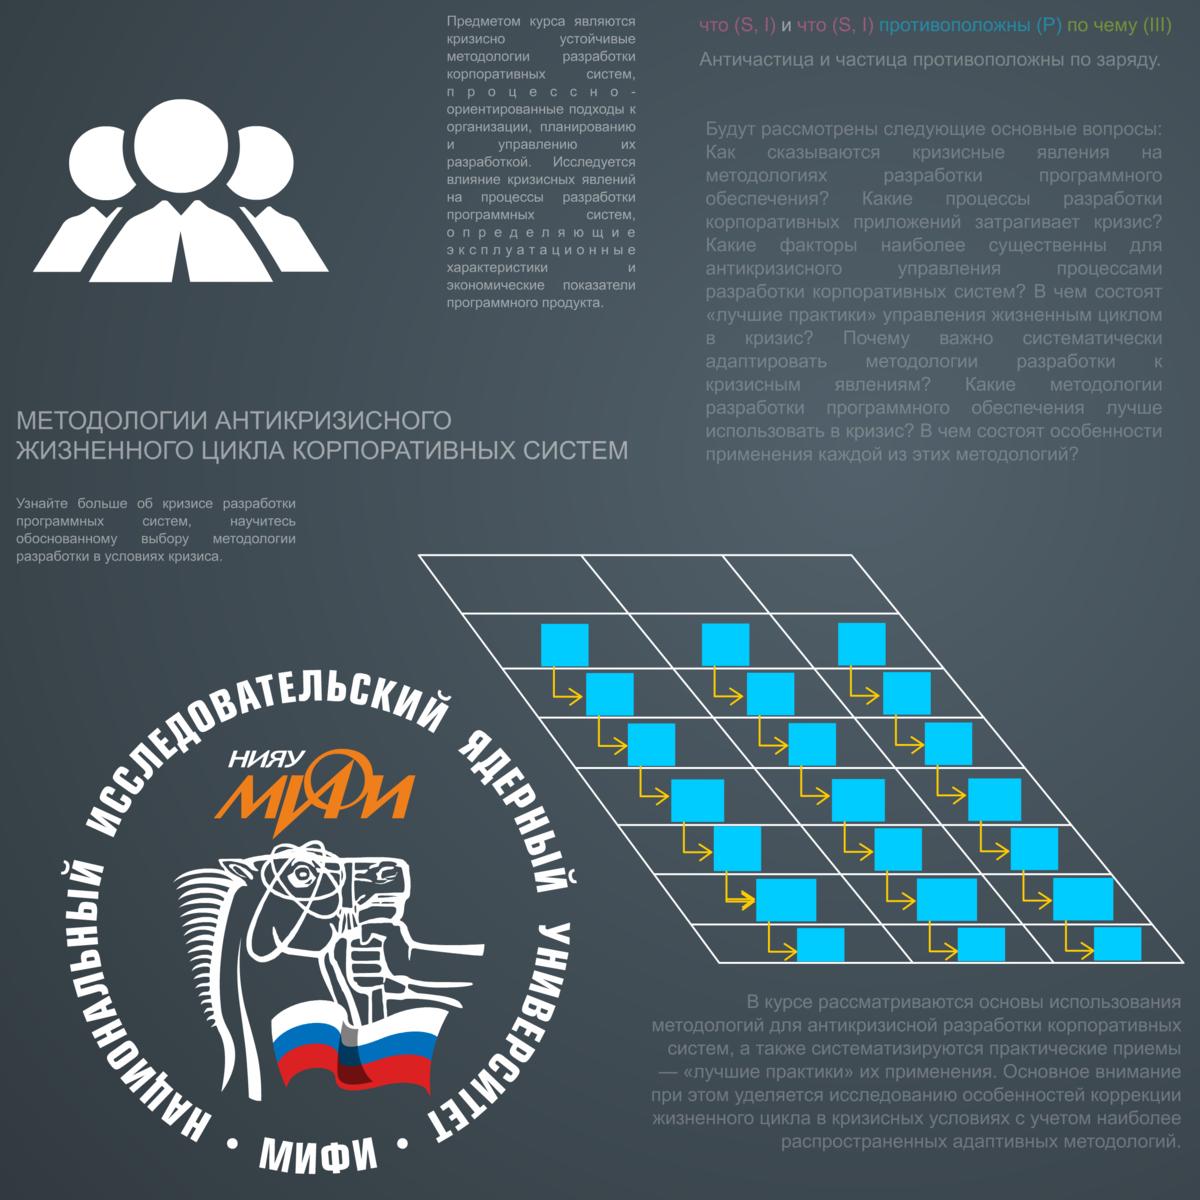 Методологии антикризисного жизненного цикла корпоративных систем course image